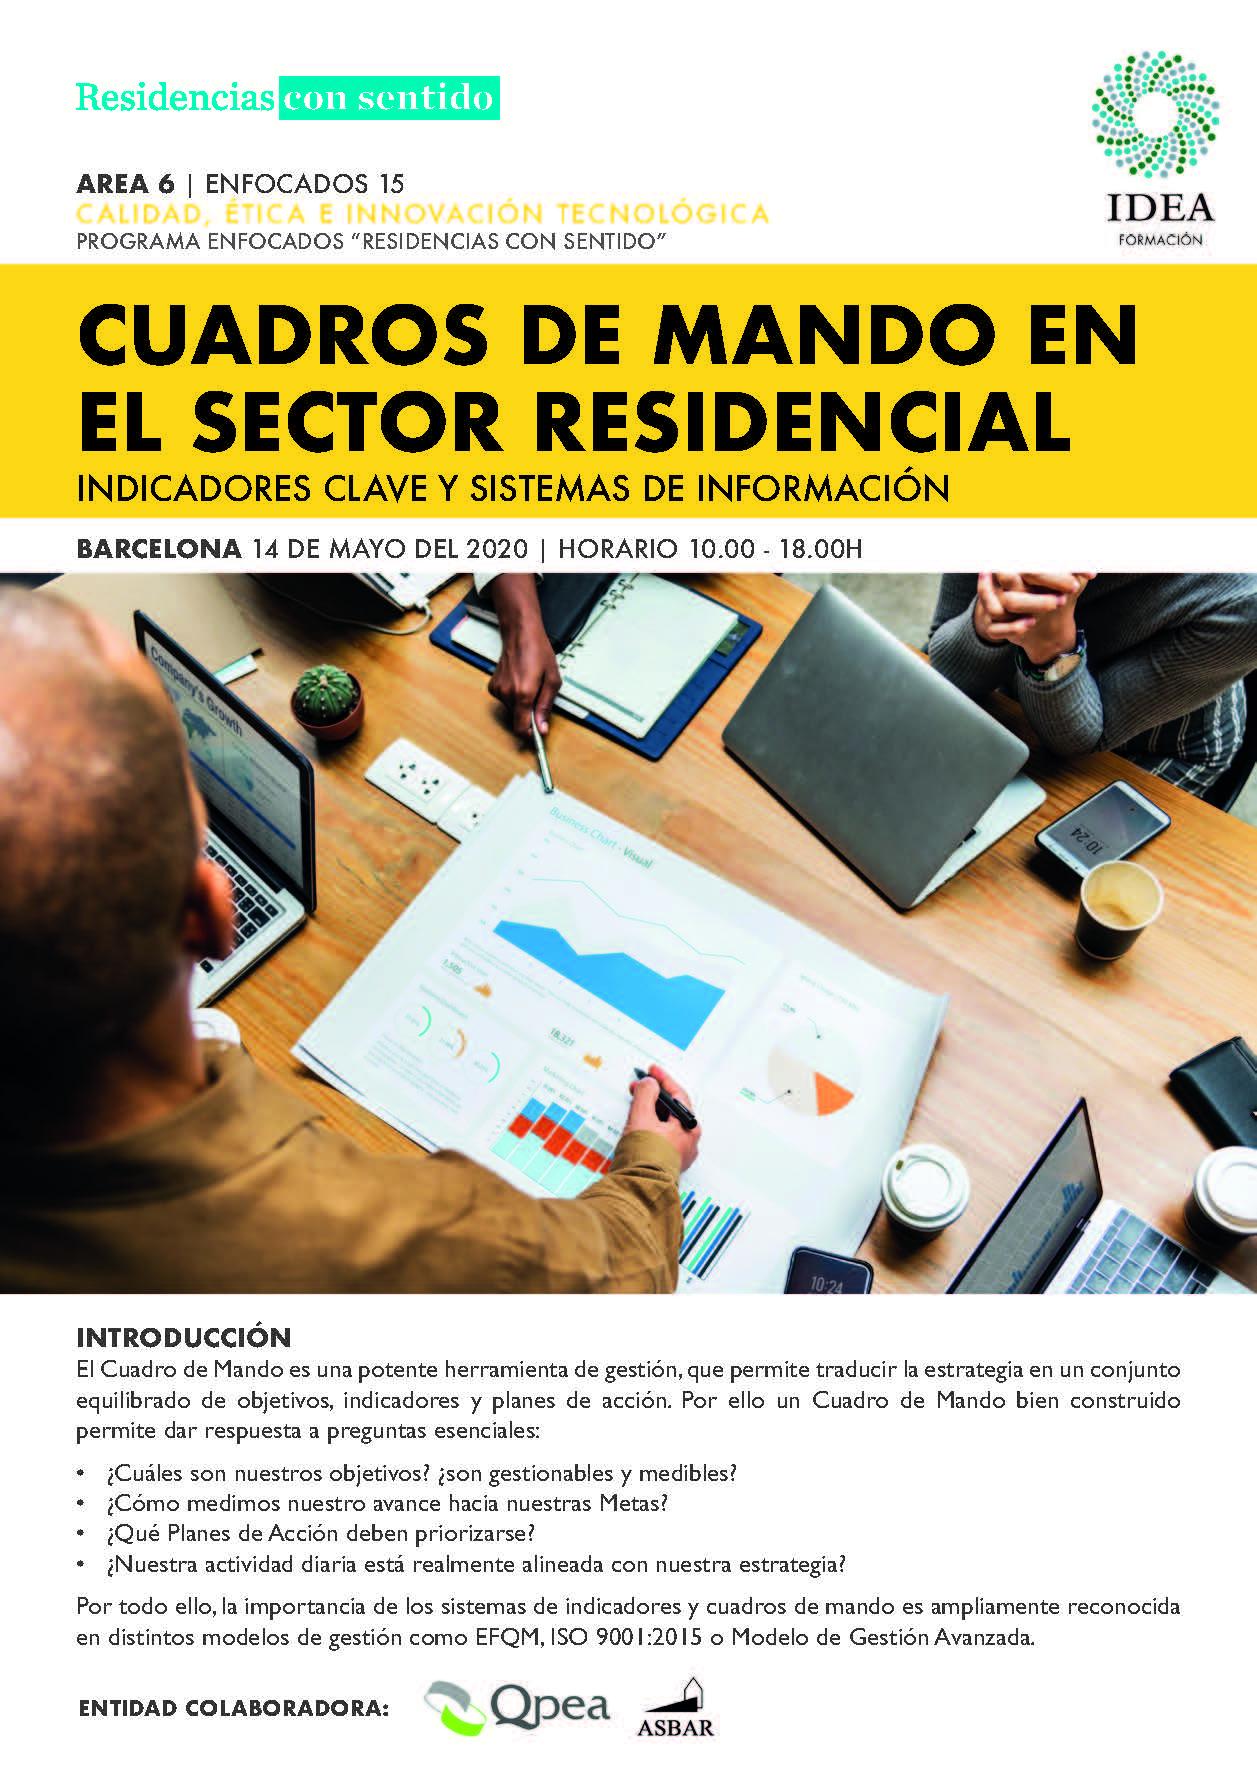 Enfocados Cuadro de Mando - Barcelona 14 de mayo 2020_Página_1